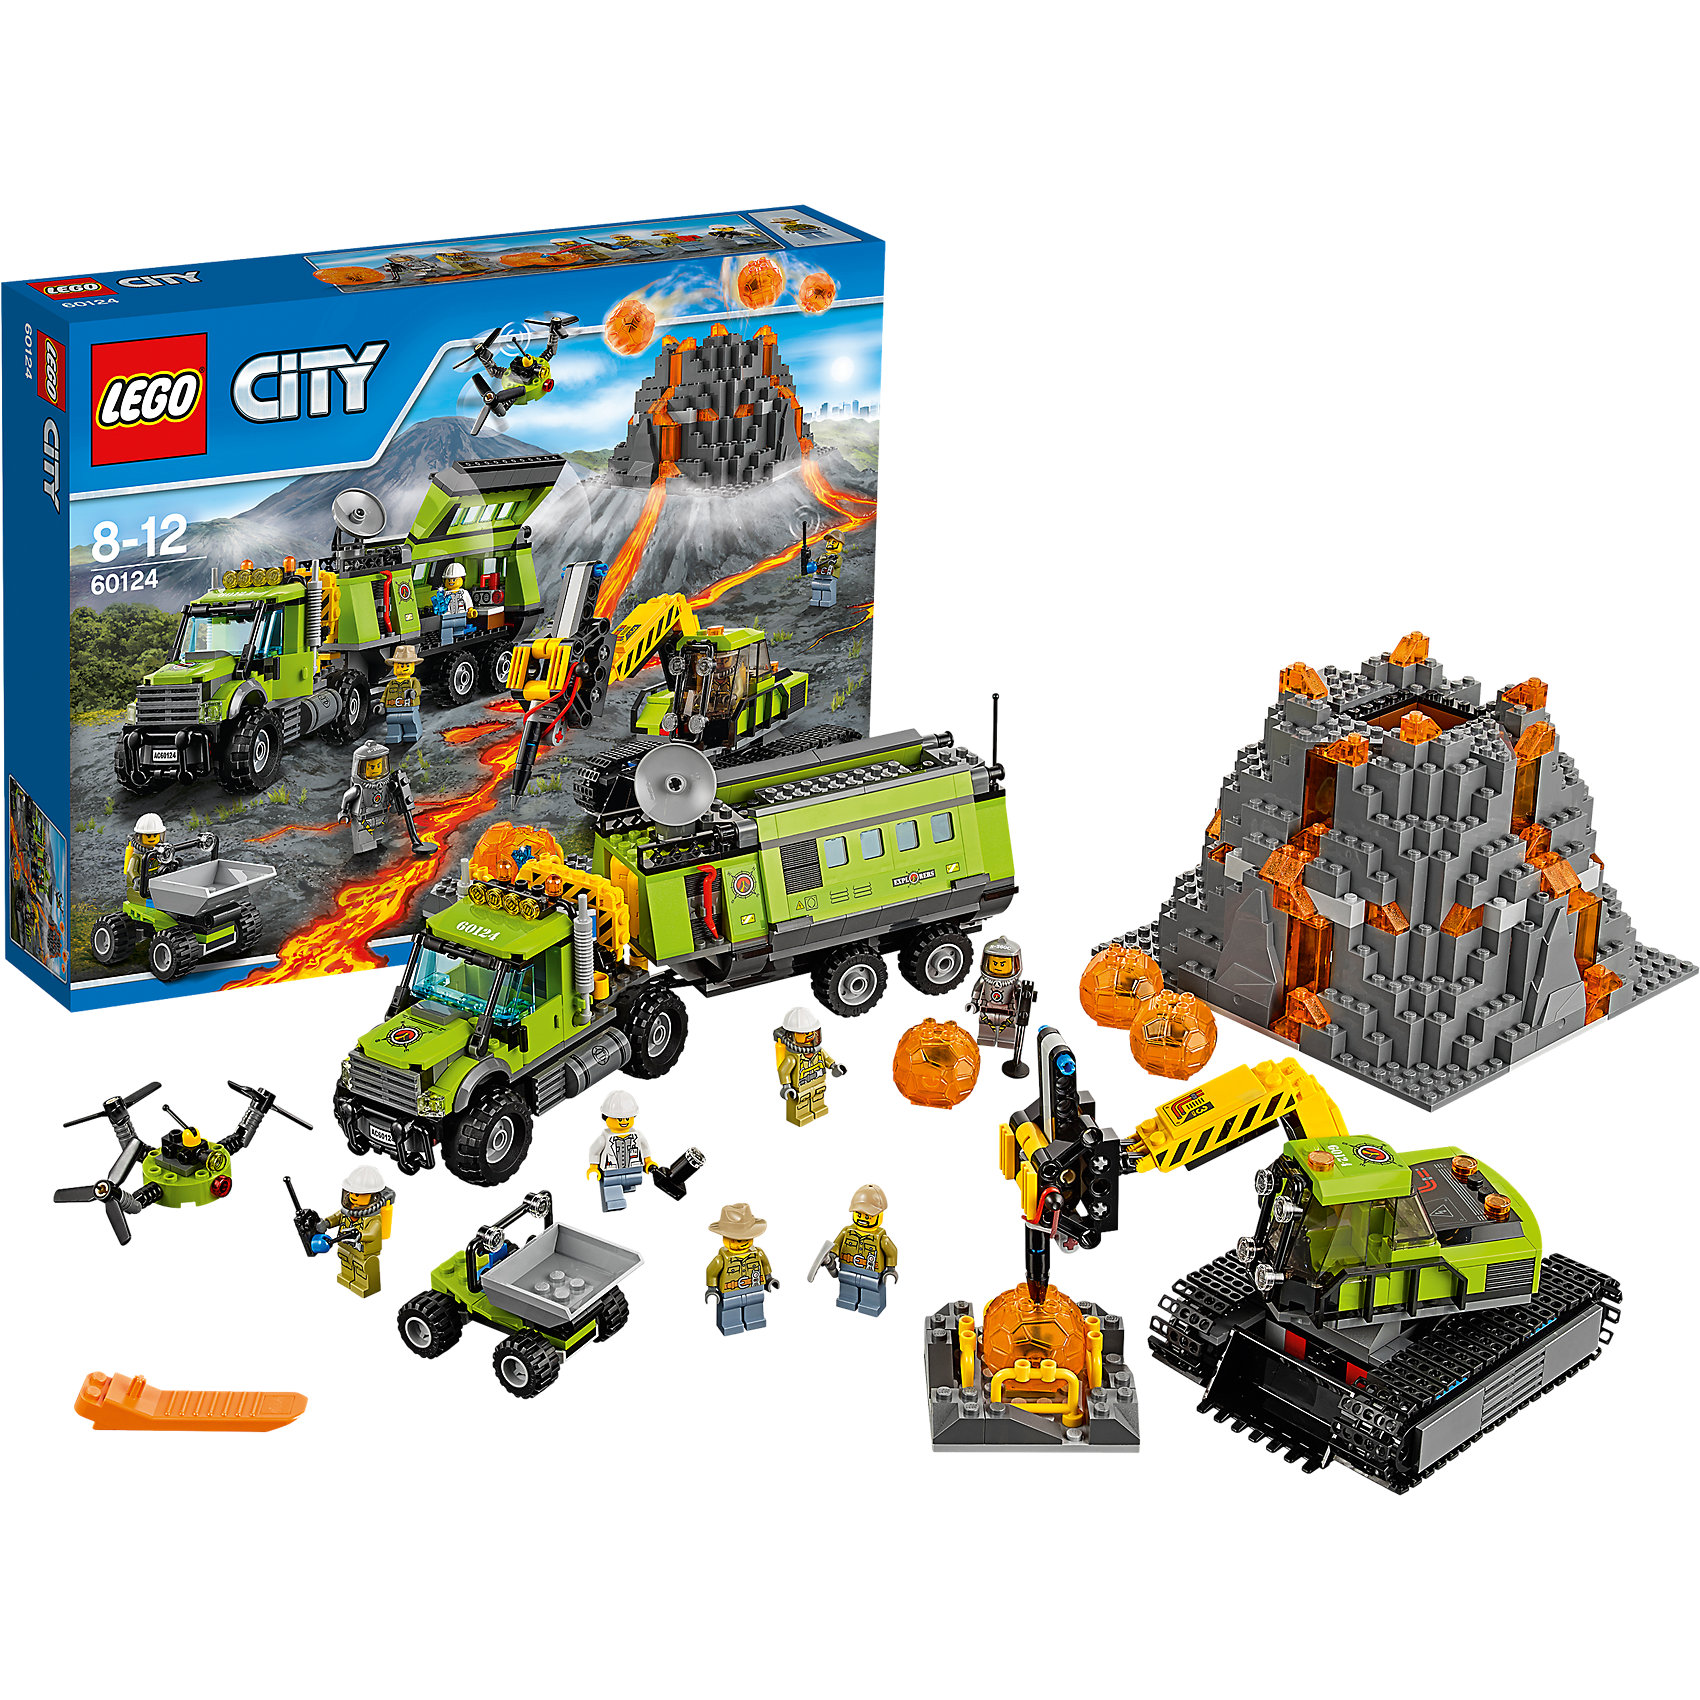 LEGO City 60124: База исследователей вулкановLEGO<br>Построй собственную исследовательскую базу у подножия извергающегося вулкана! В этом наборе есть все, чтобы почувствовать себя настоящим вулканологом. Прекрасно оснащенный грузовик с прицепом - лабораторией доставит тебя к месту исследований. Находи и поднимай камни с помощью экскаватора, разбивай их и добывай удивительные кристаллы. Вулкан извергает из жерла камни-бомбочки с кристаллами. Для активизации этой функции необходимо нажать на специальный рычаг, расположенный на одном из склонов горы. Запусти в воздух дрон, чтобы заснять и исследовать вулкан с высоты птичьего полета. <br><br>LEGO City (ЛЕГО Сити) - серия детских конструкторов ЛЕГО, с помощью которого ваш ребенок может погрузиться в мир мегаполиса. Эта серия поможет ребенку понять, как устроена жизнь города, какие функции выполняют те или иные люди и техника. Предлагает на выбор огромное множество профессий, сфер деятельности и ситуаций, связанных с ними.<br><br>Дополнительная информация:<br><br>- Конструкторы ЛЕГО развивают усидчивость, внимание, фантазию и мелкую моторику. <br>- 6 минифигурок исследователей.<br>- Количество деталей: 824. <br>- Комплектация: 6 минифигурок, грузовик с прицепом-фургоном, <br>4 вулканических шара с кристаллами внутри, экскаватор с буром для дробления вулканических шаров, моторизированная тачка-самосвал, дрон, аксессуары.<br>- Серия ЛЕГО Сити (LEGO City).<br>- Материал: пластик.<br>- Размер упаковки: 48х10х38 см.<br>- Вес: 1.92 кг.<br><br>Конструктор LEGO City 60124: База исследователей вулканов можно купить в нашем магазине.<br><br>Ширина мм: 481<br>Глубина мм: 375<br>Высота мм: 101<br>Вес г: 1830<br>Возраст от месяцев: 96<br>Возраст до месяцев: 144<br>Пол: Мужской<br>Возраст: Детский<br>SKU: 4641229